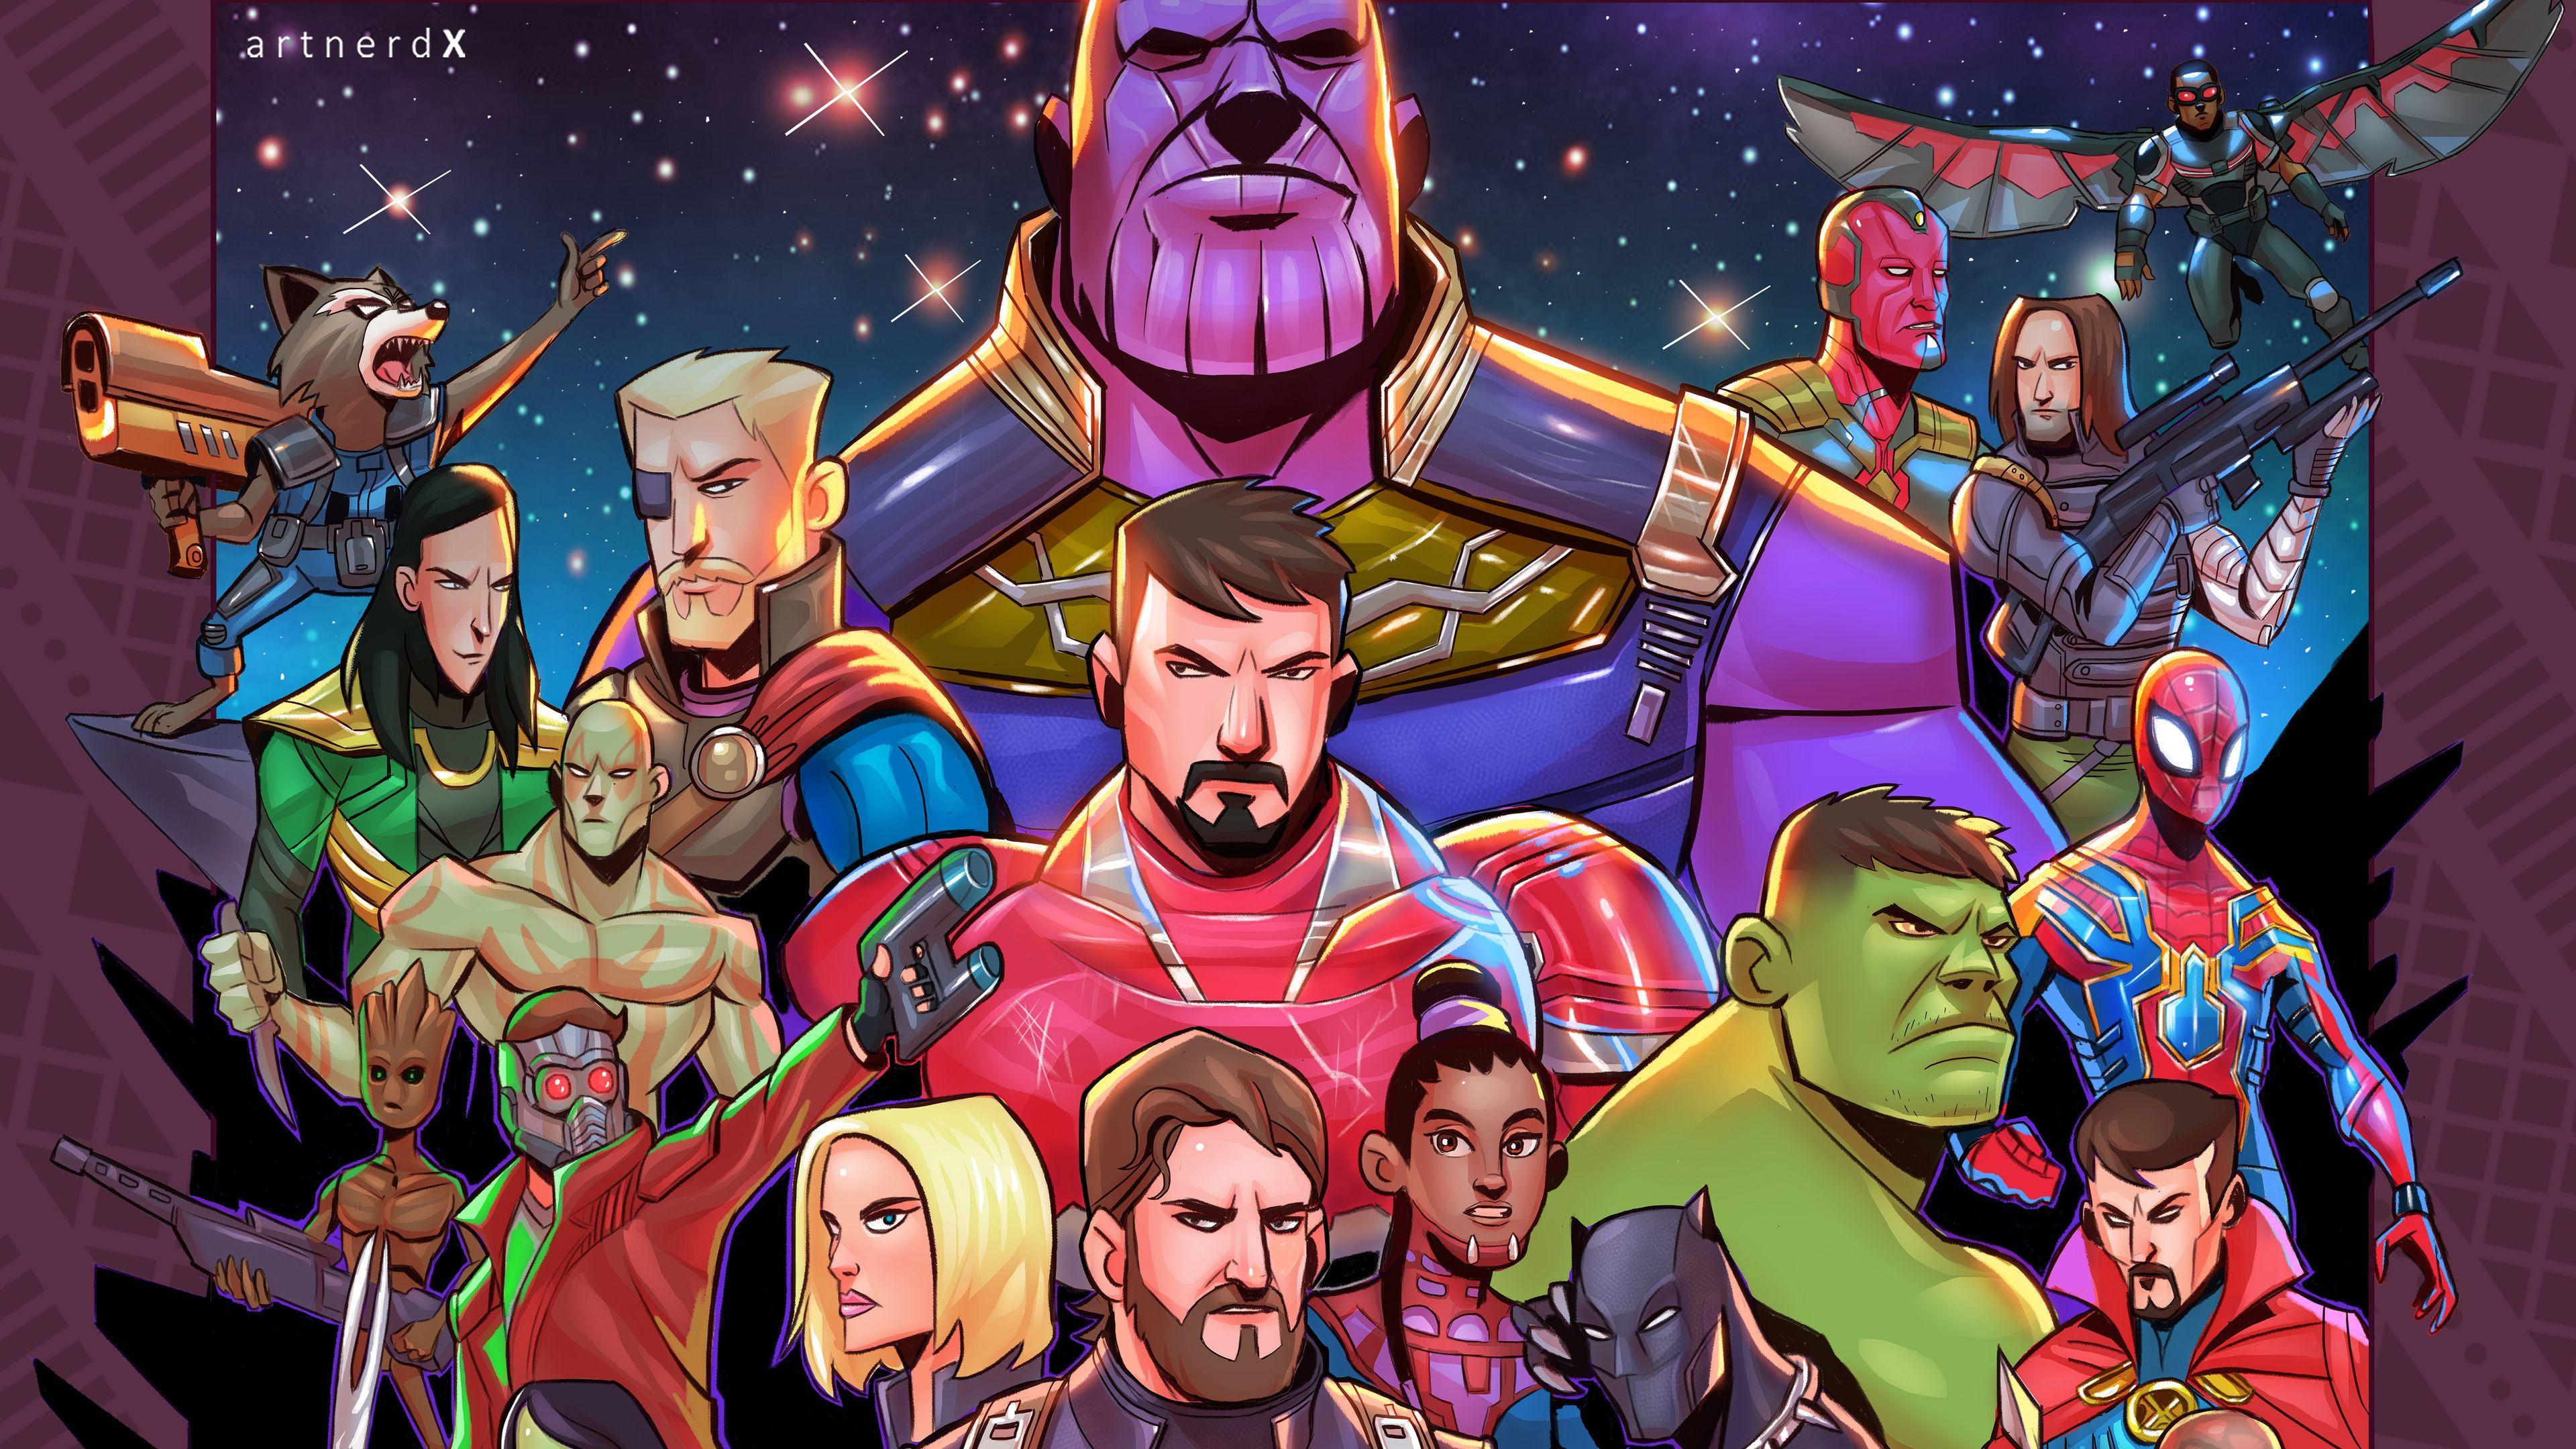 Avengers Infinity War Superheroes Artwork Vision Wallpapers Thor Wallpapers Thanos Wallpapers Star Thor Wallpaper Captain America Wallpaper Marvel Paintings